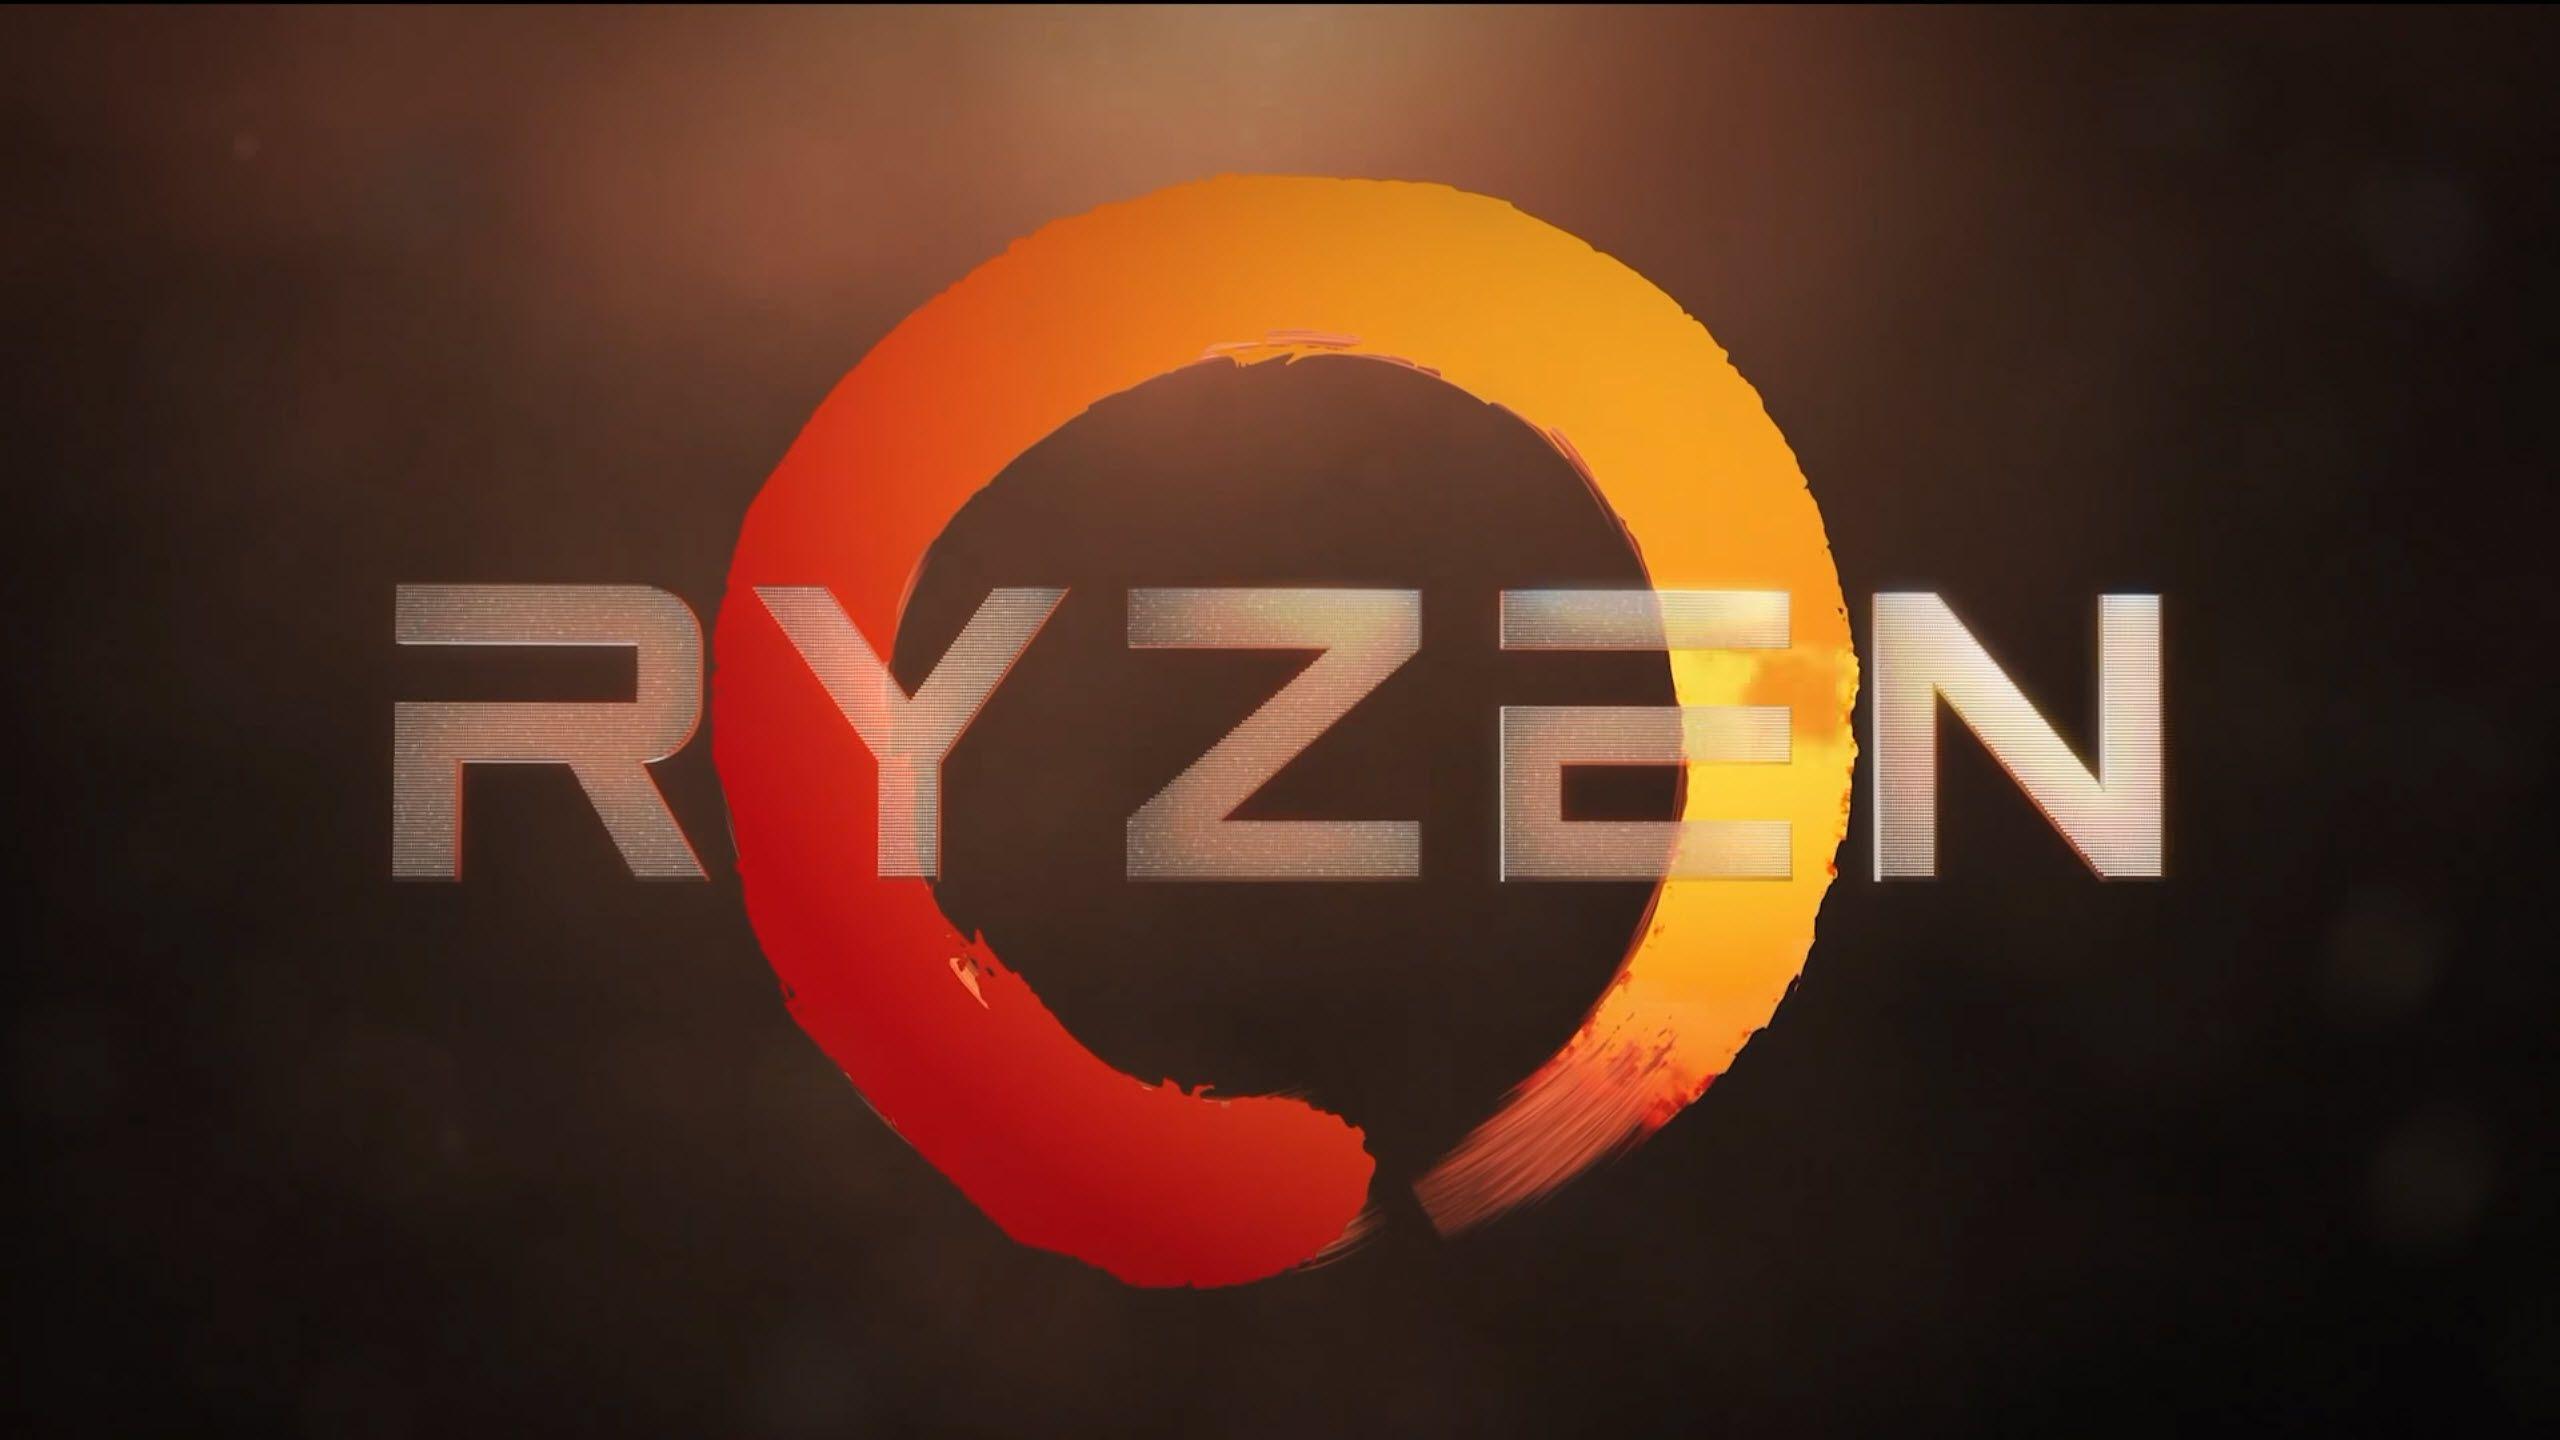 Intel Core I5 10210u Vs Ryzen 5 3500u Amd Is The Thing Here